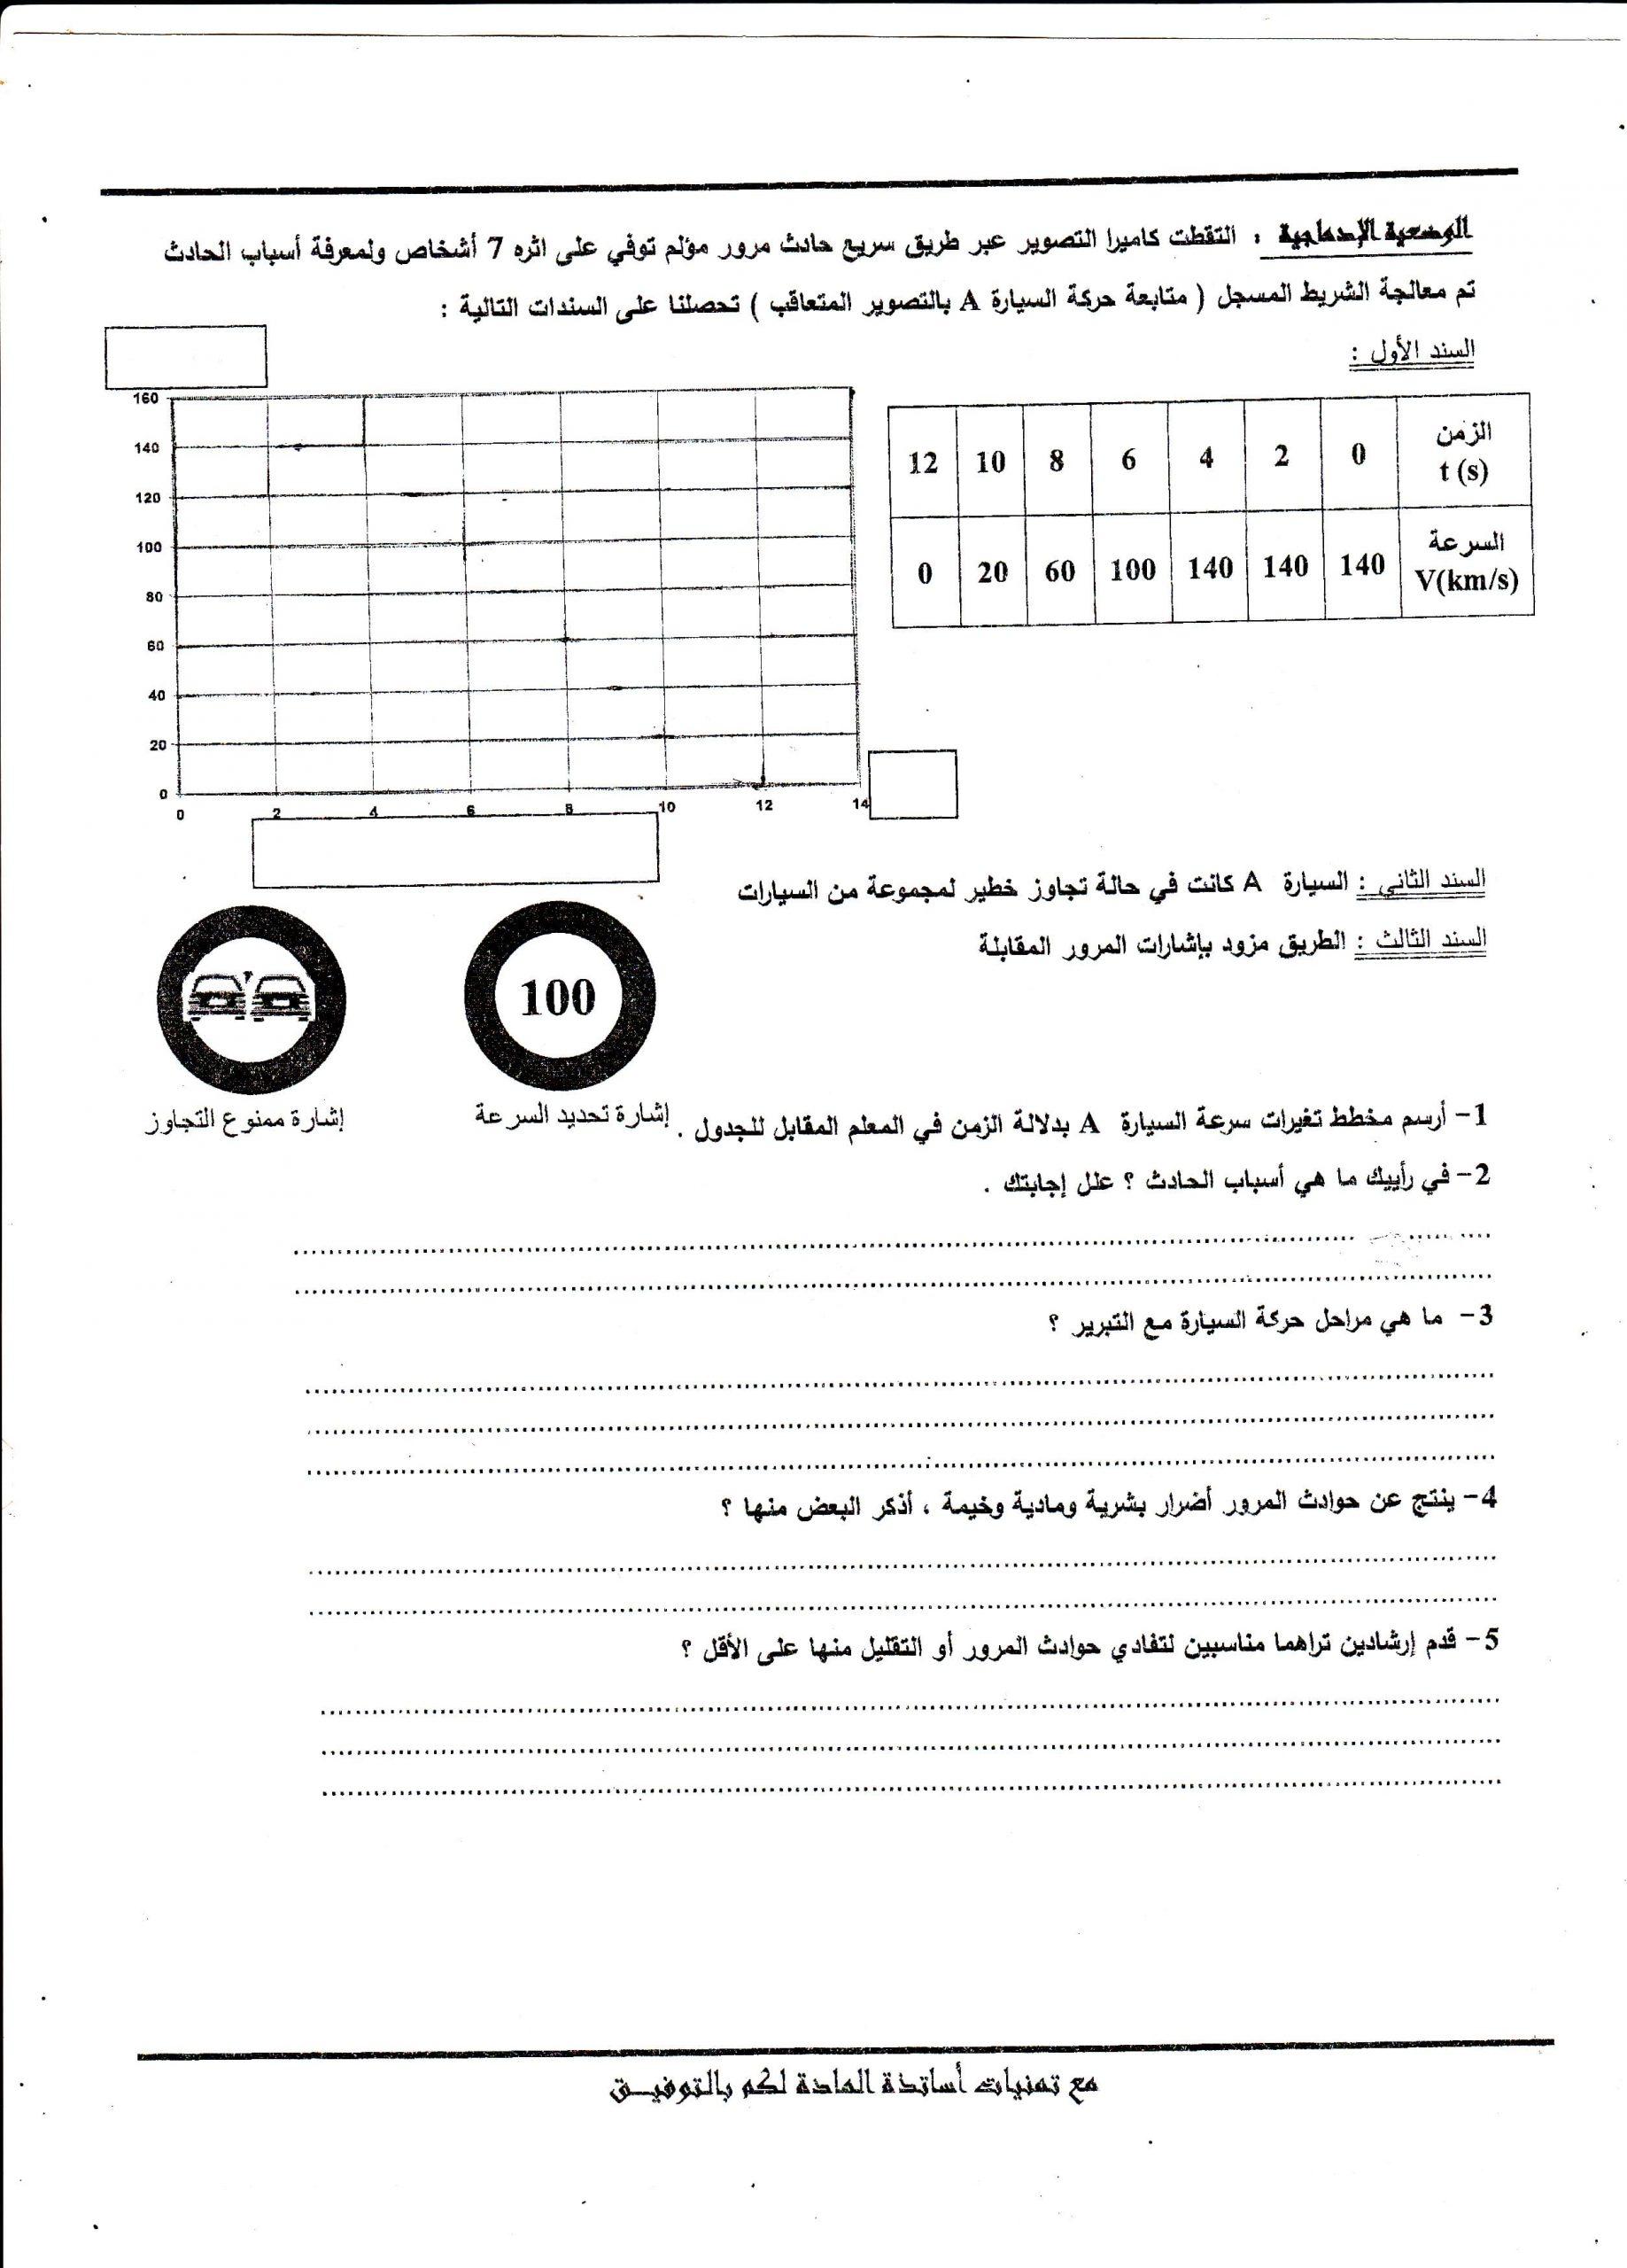 اختبار الفصل الثاني في العلوم الفيزيائية للسنة الثانية متوسط - الموضوع 01